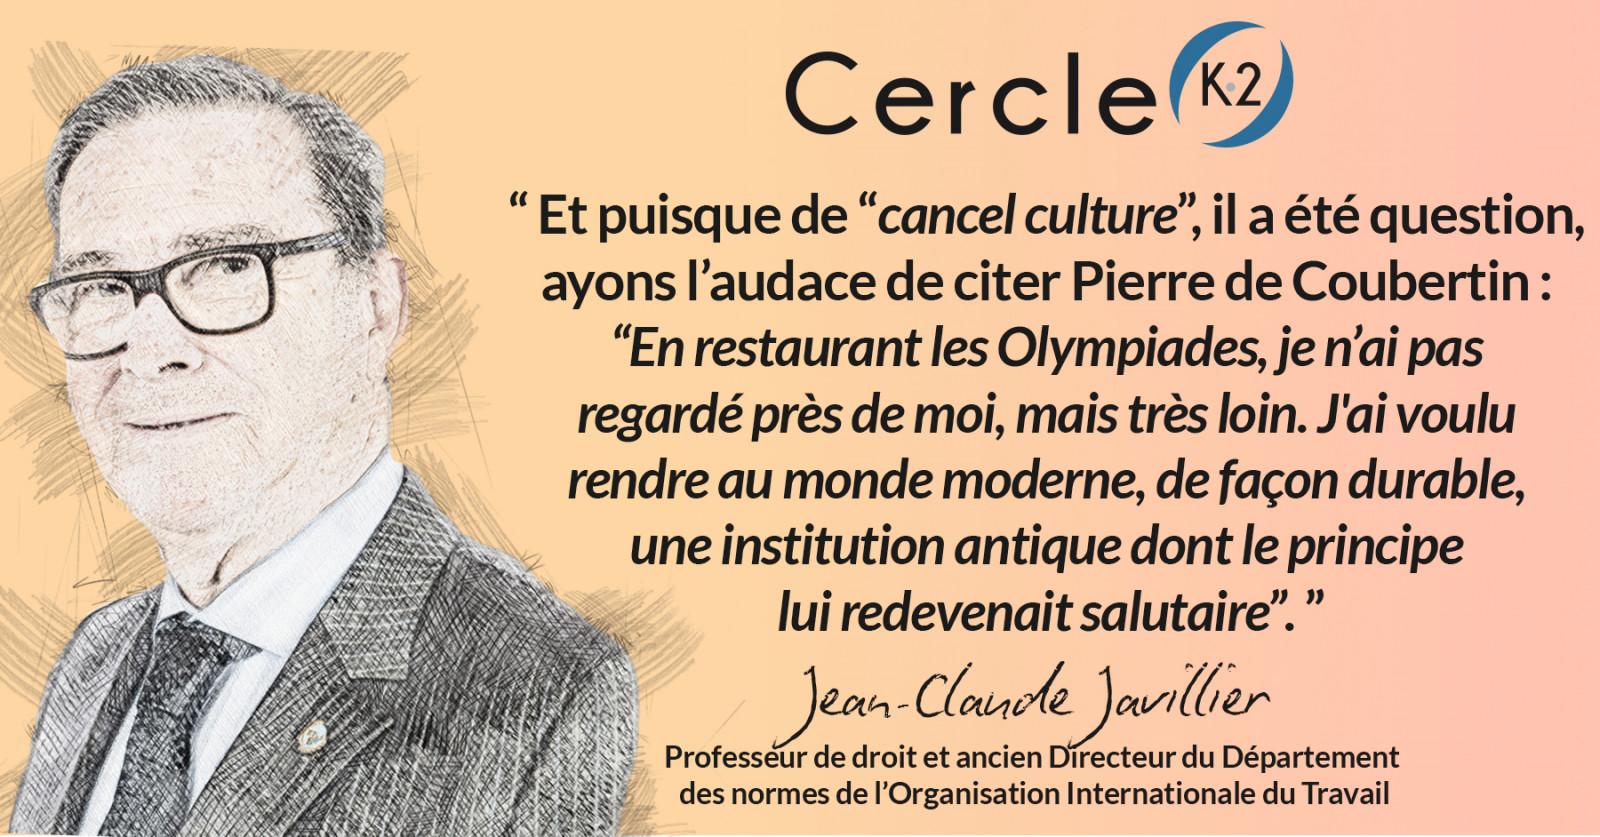 Non à la culture du renoncement (cancel culture). Oui aux valeurs et à la flamme olympique et paralympique - Cercle K2